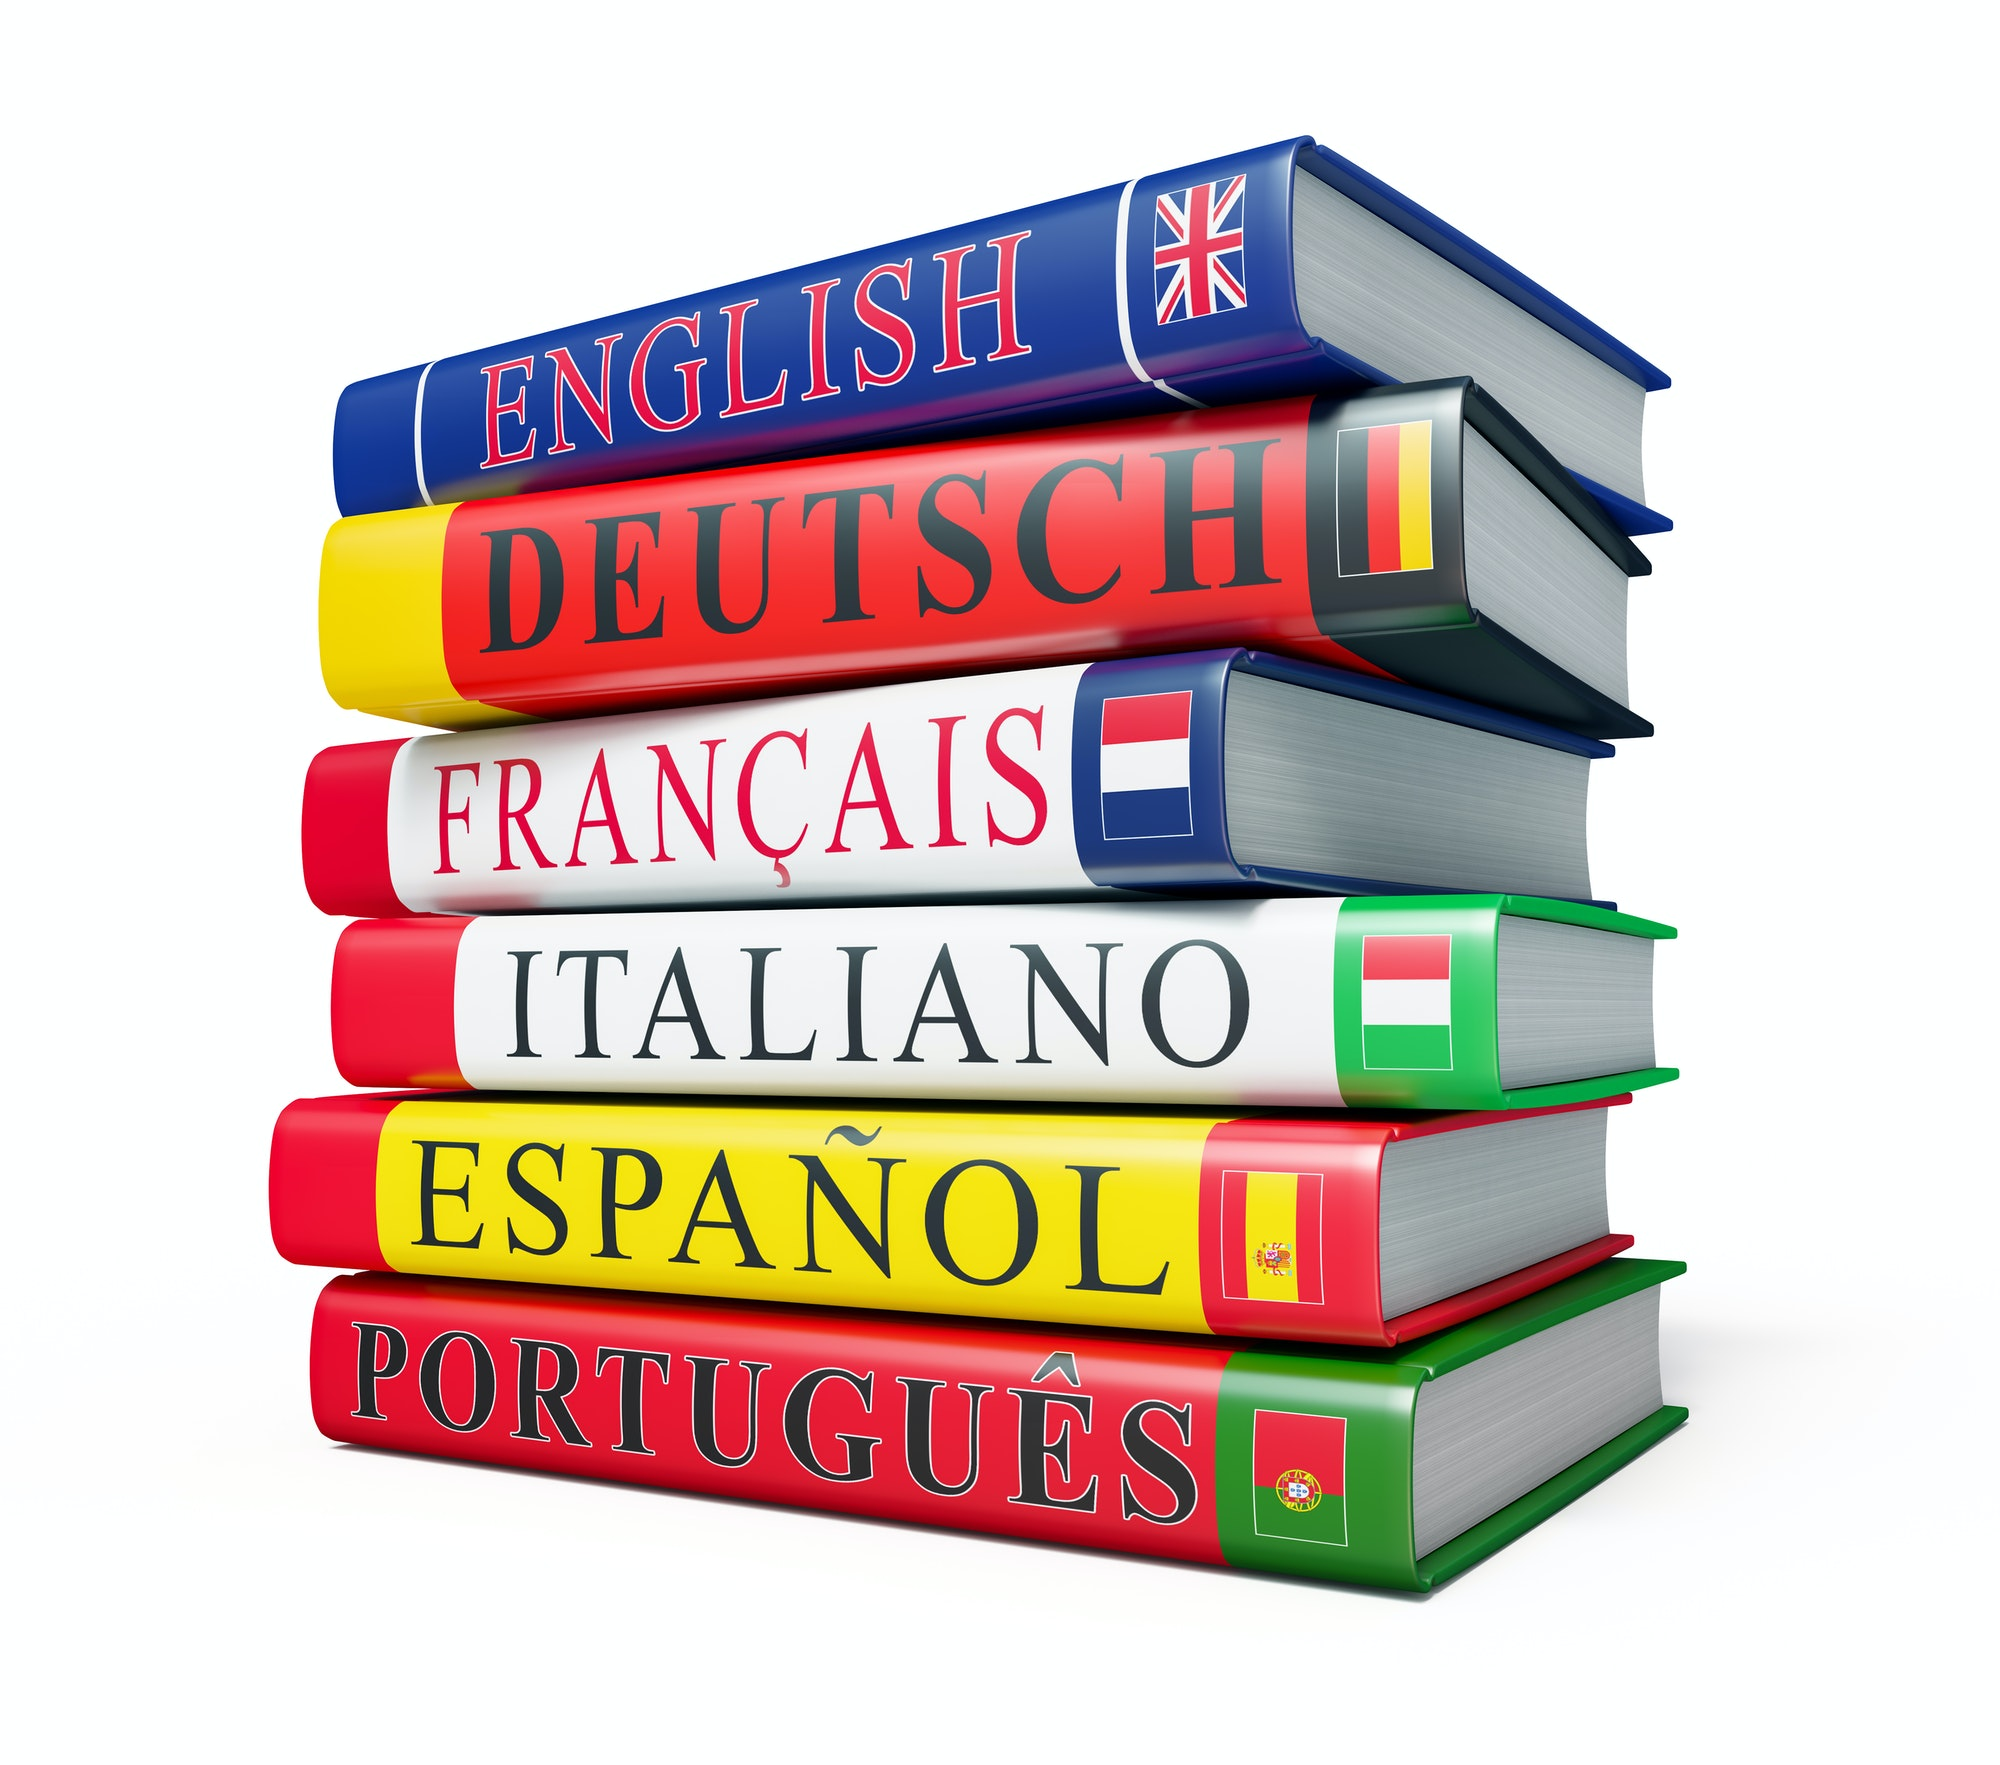 كيفية تعلم اللغة الإيطالية بسهولة